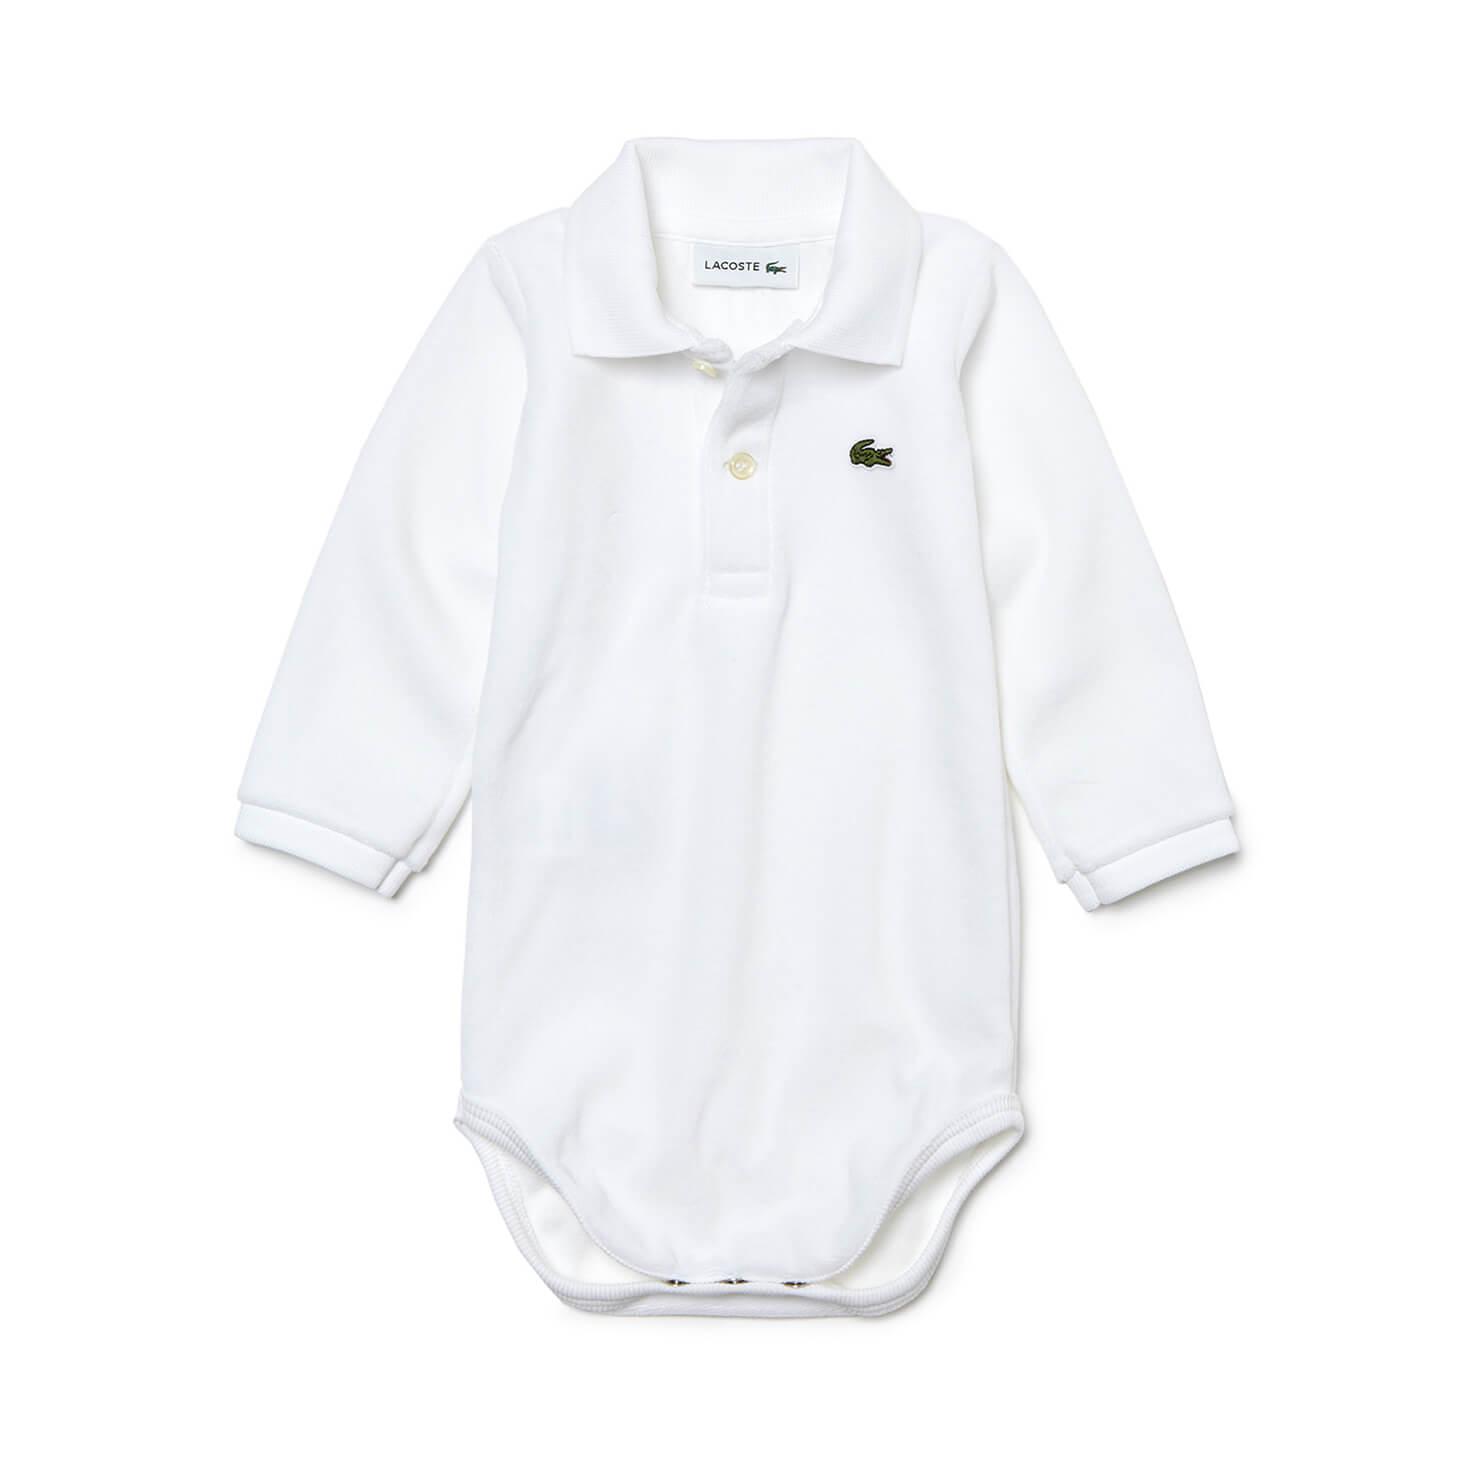 Купить Детский костюм Lacoste, белый, 4J0192